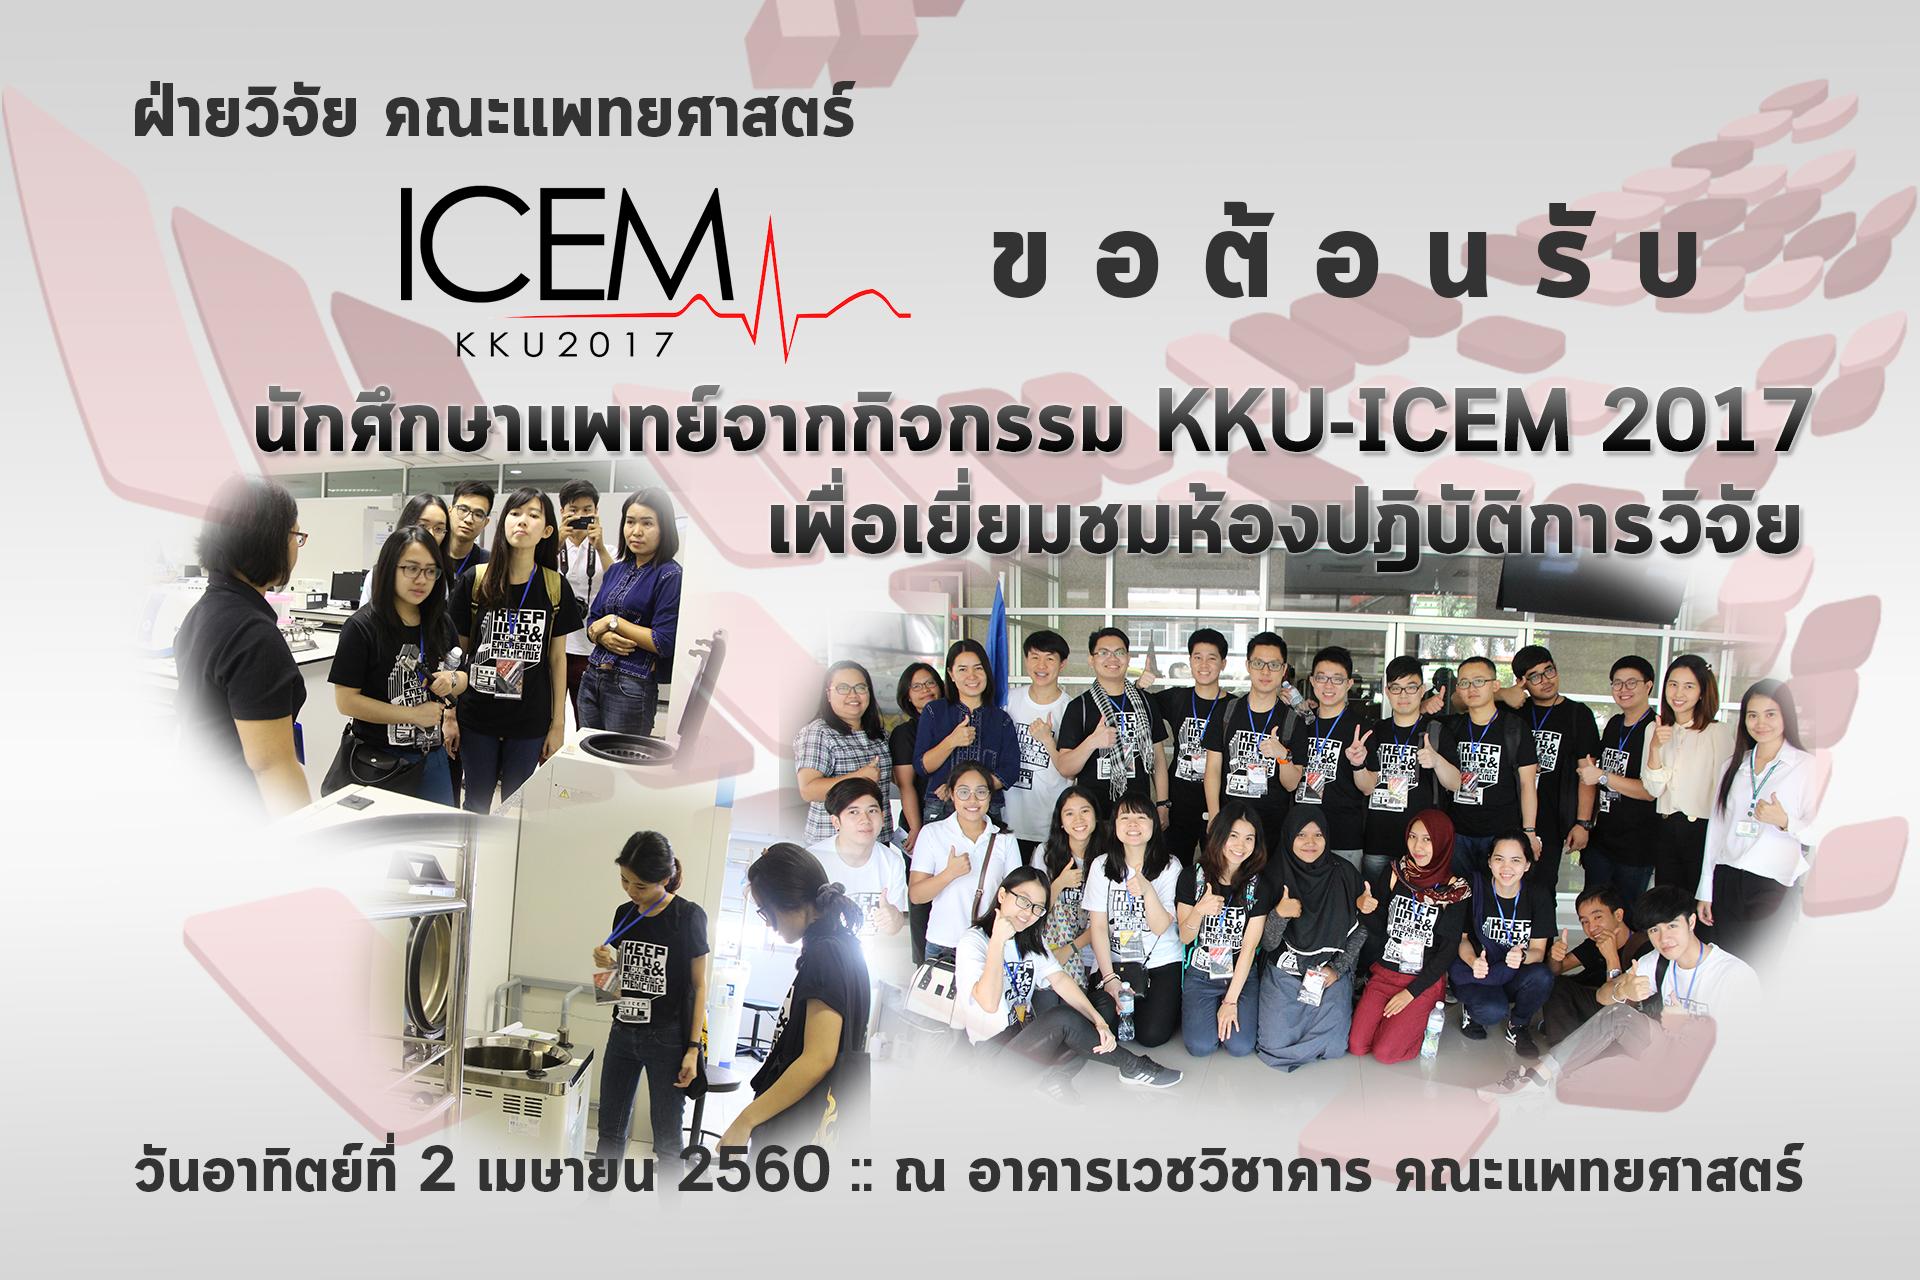 ฝ่ายวิจัย เปิดบ้านต้อนรับนักศึกษาแพทย์ จากกิจกรรม KKU-ICEM 2017